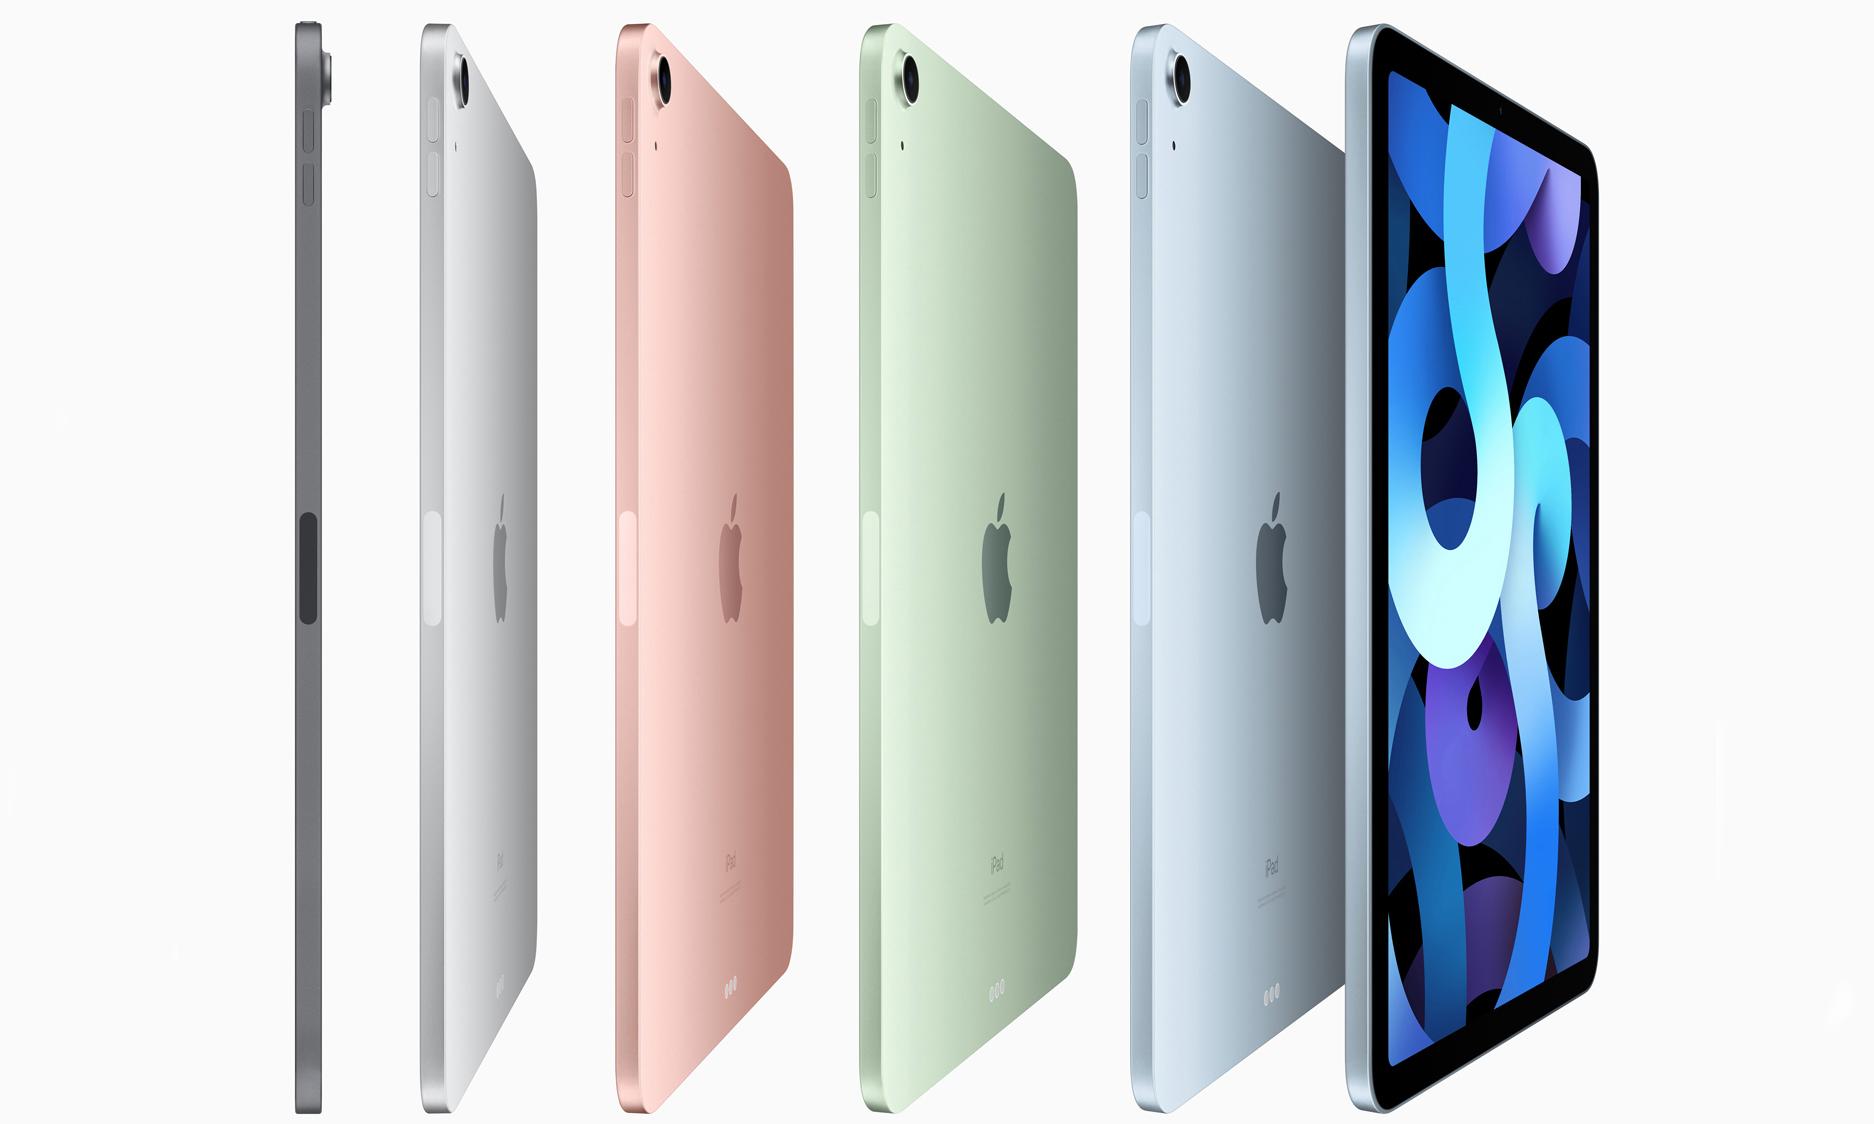 「专业果粉」看完苹果发布会有什么反应?